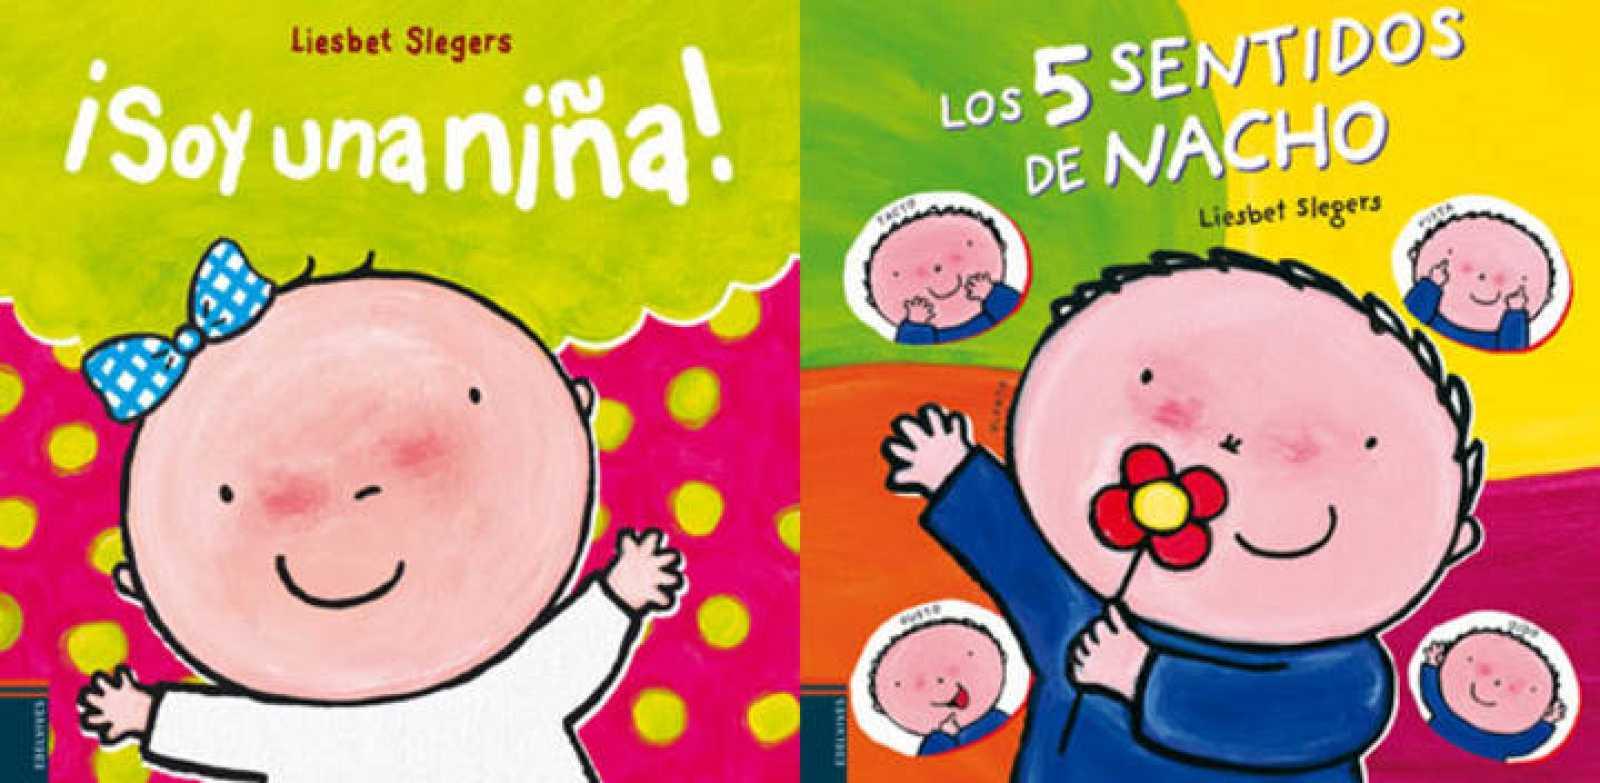 Portadas de 'Soy una niña' y 'Los cinco sentidos de Nacho', de Liesbet Slegers